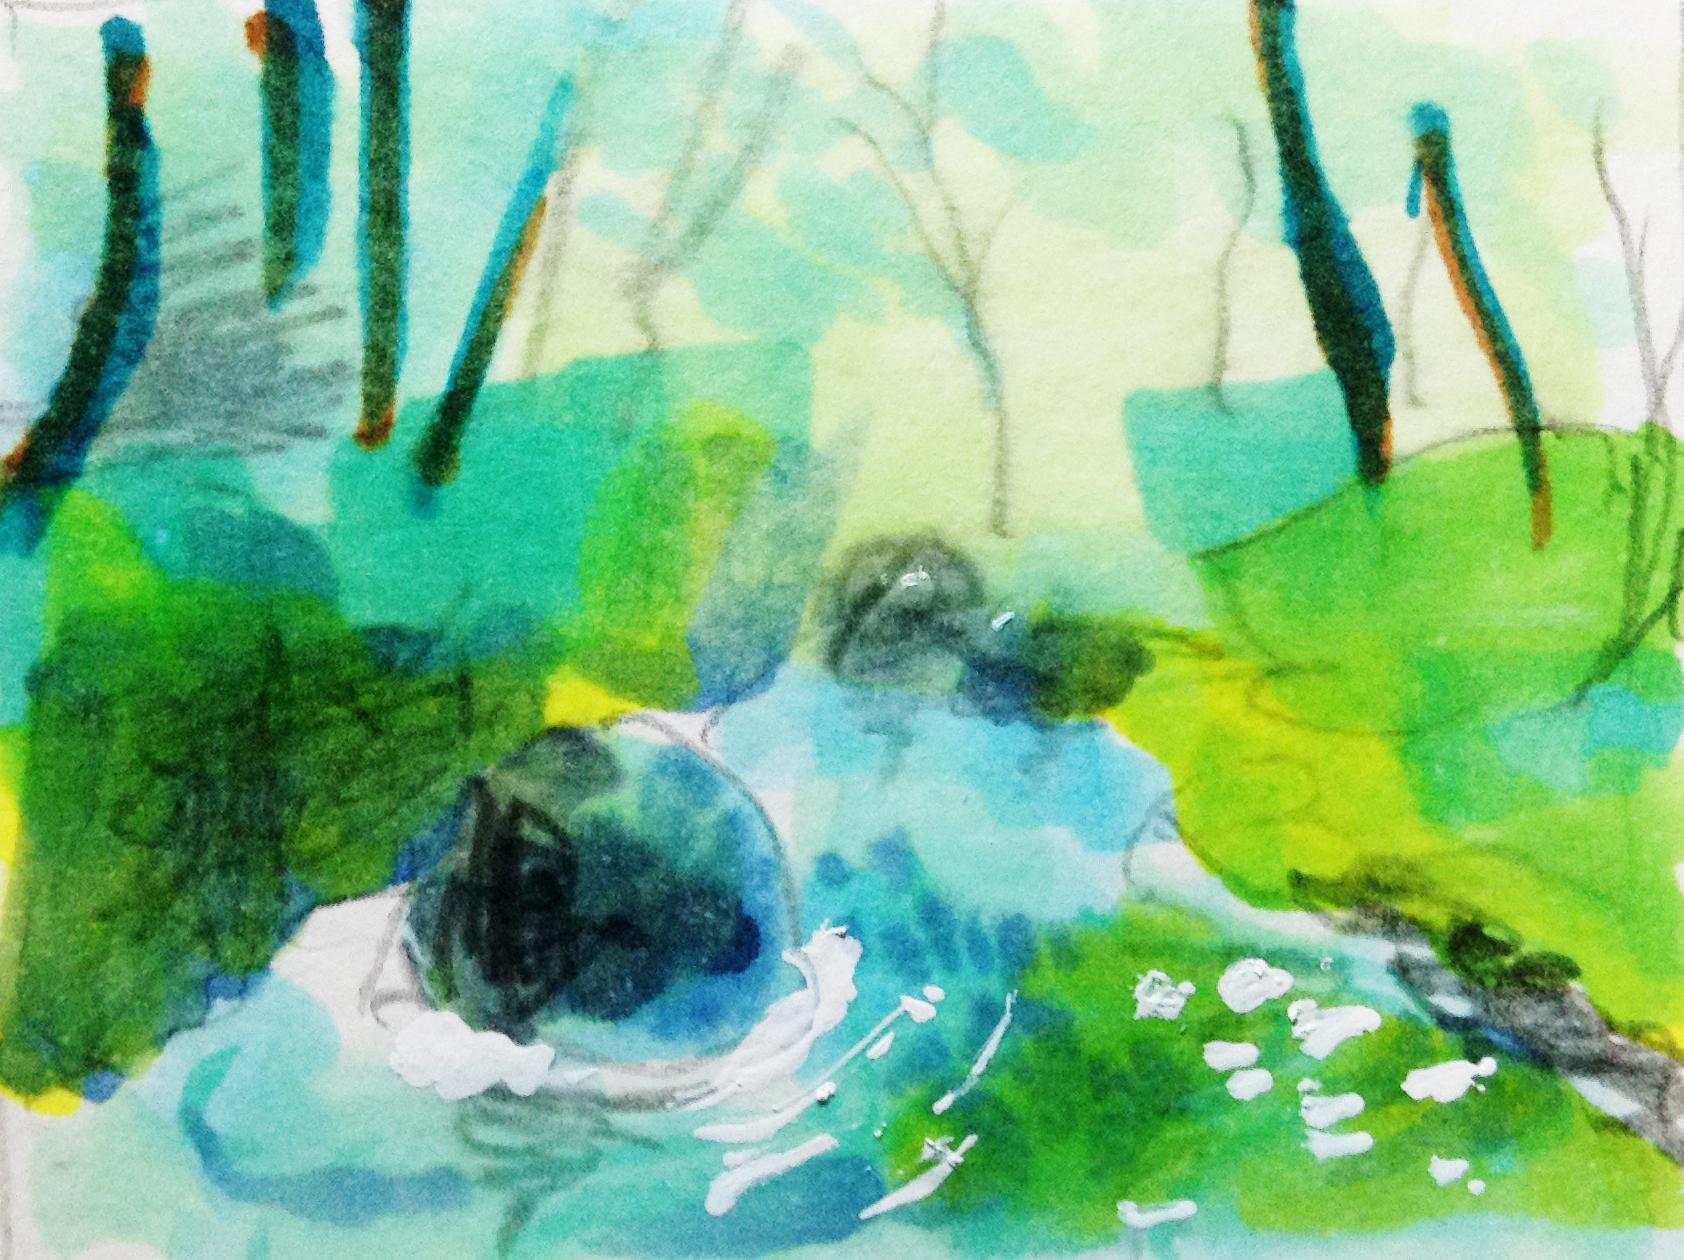 山の中の岩場にある川の風景を、コピックで描いたイラスト